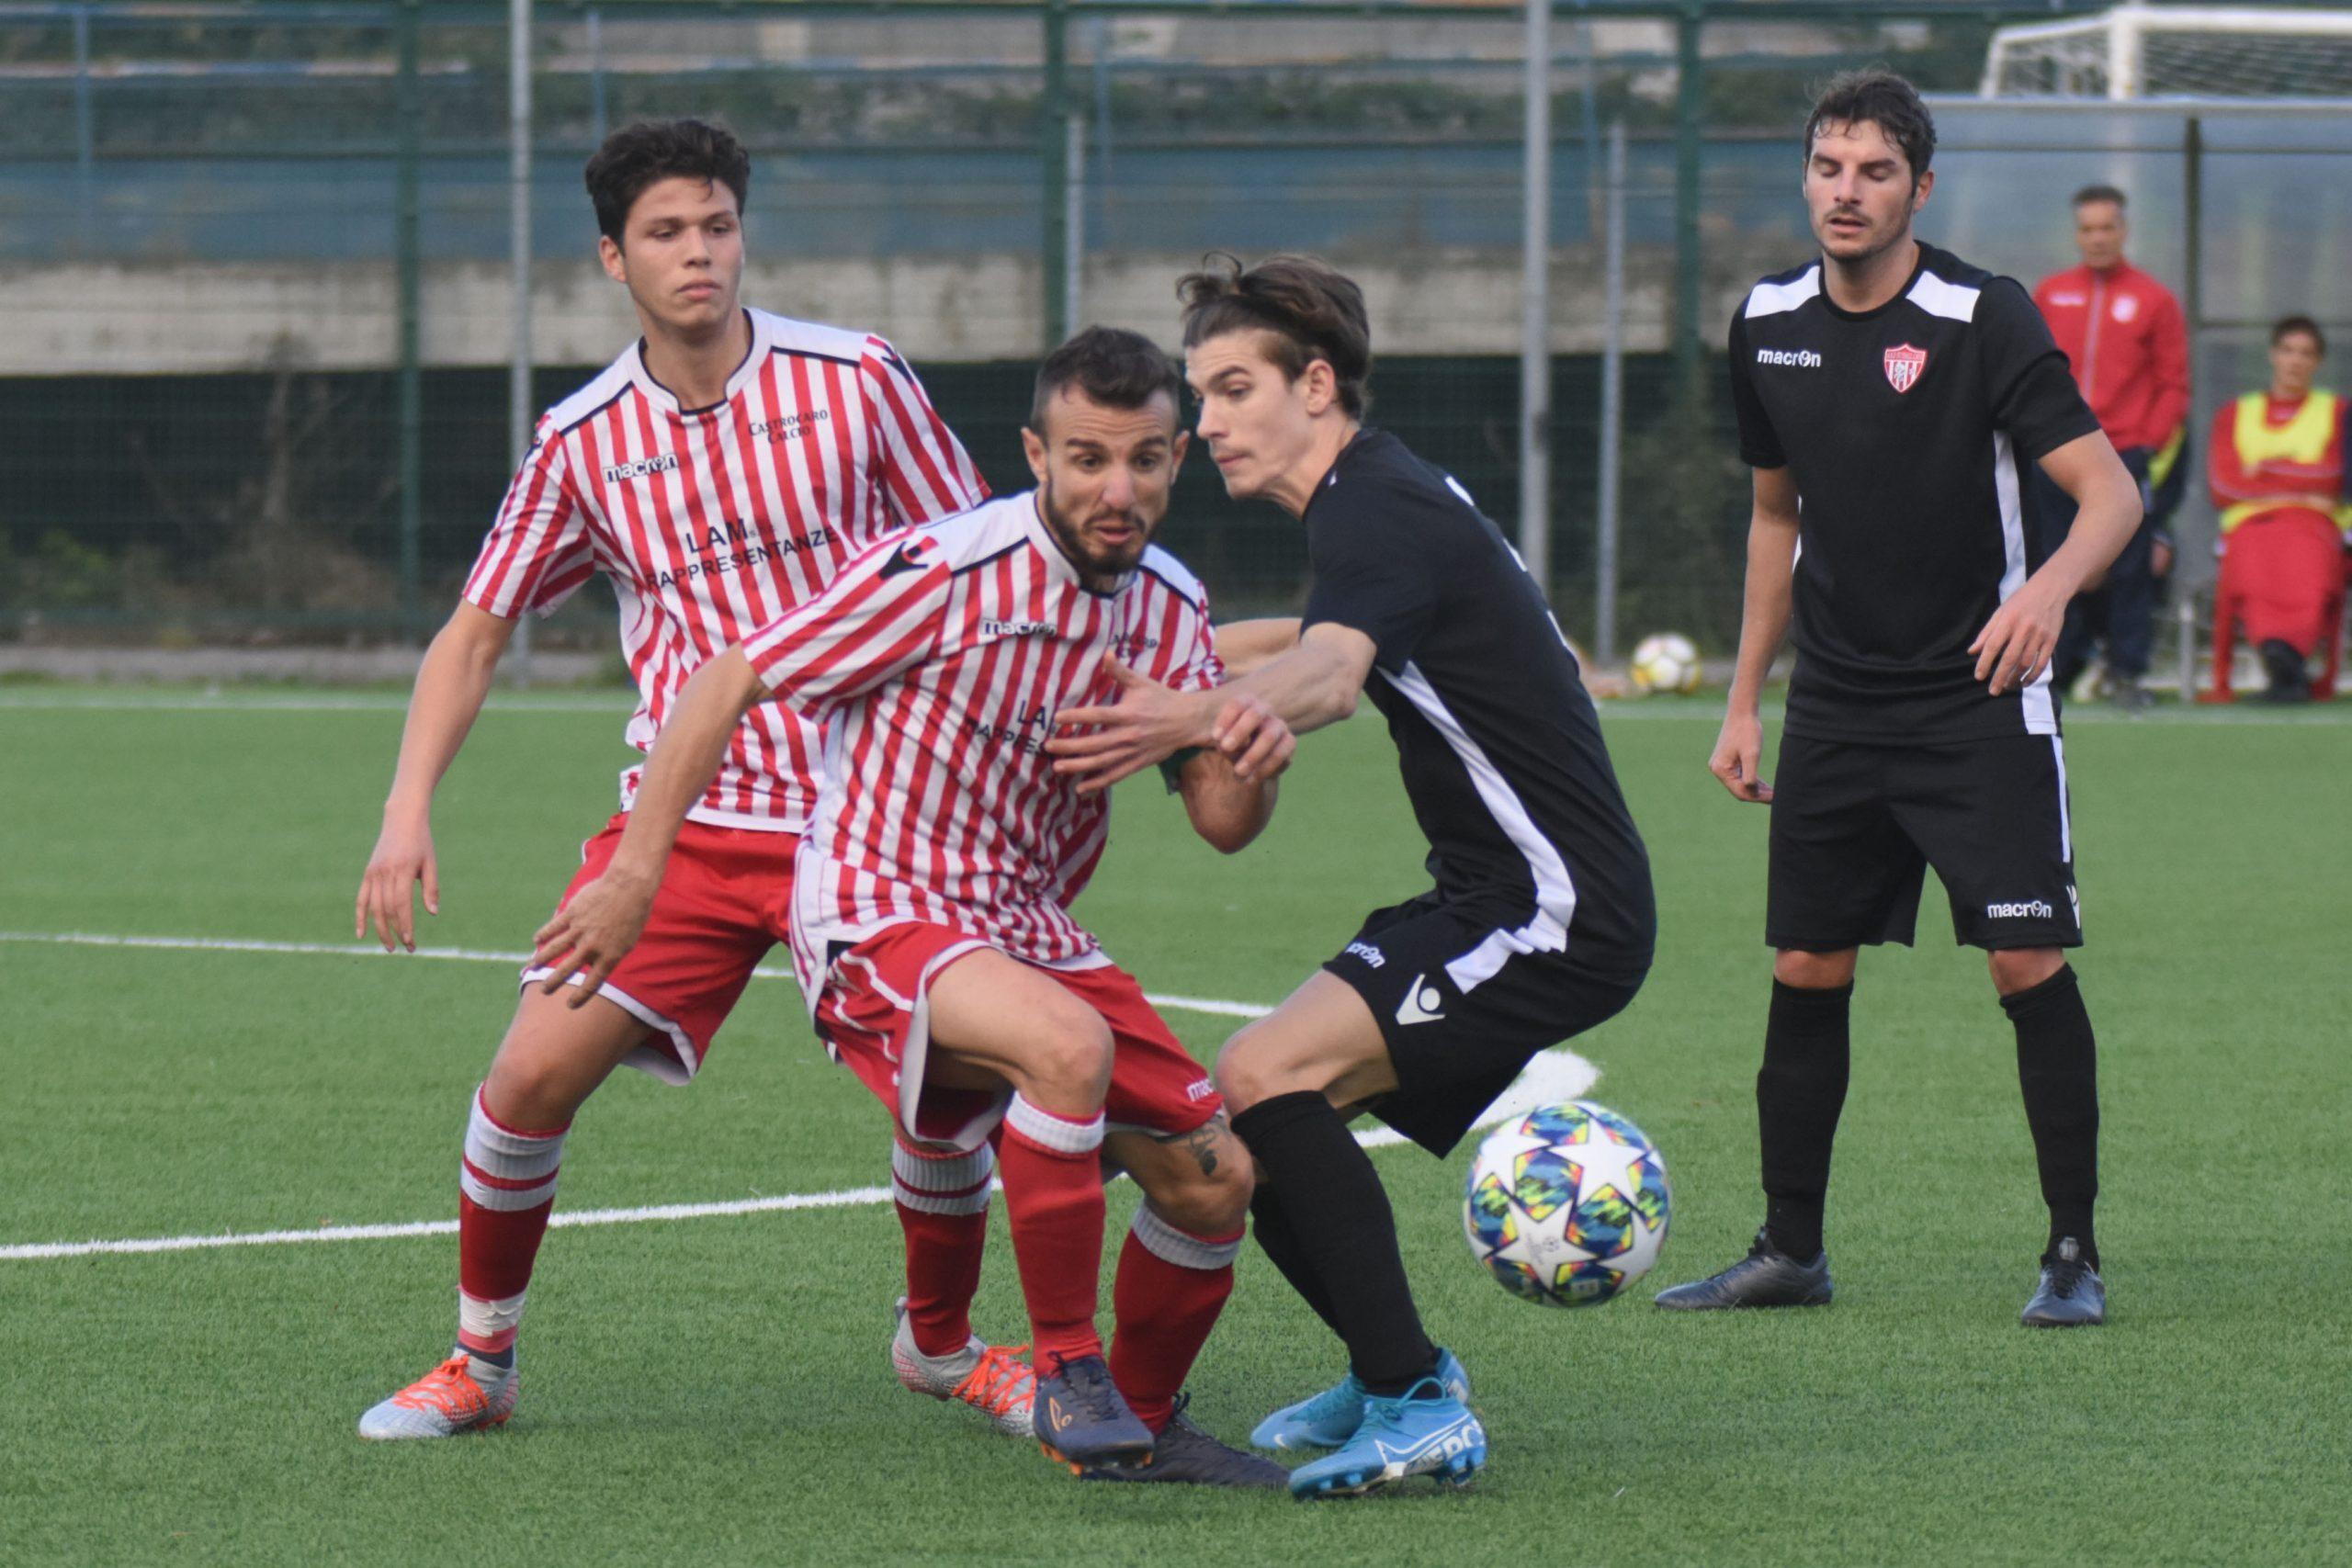 Calcio Dilettanti, giornata rinviata: si gioca solo sui sintetici